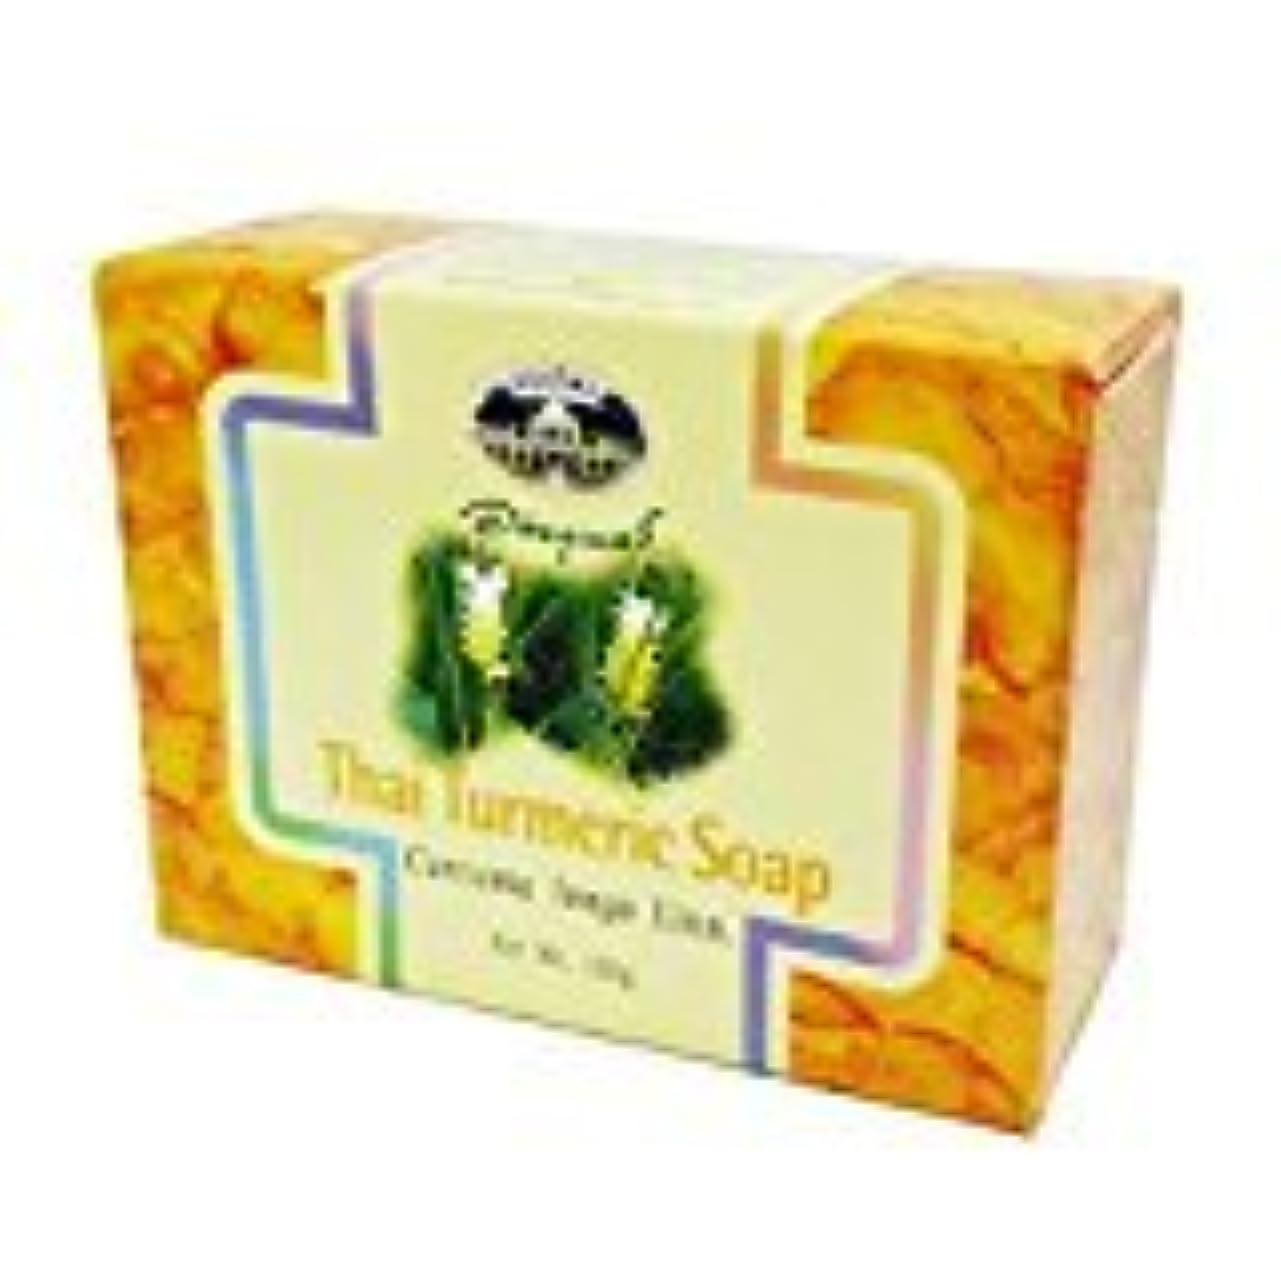 散髪ギャラントリー文ウコン石けん abhaibhubejhr Turmeric soap 100g